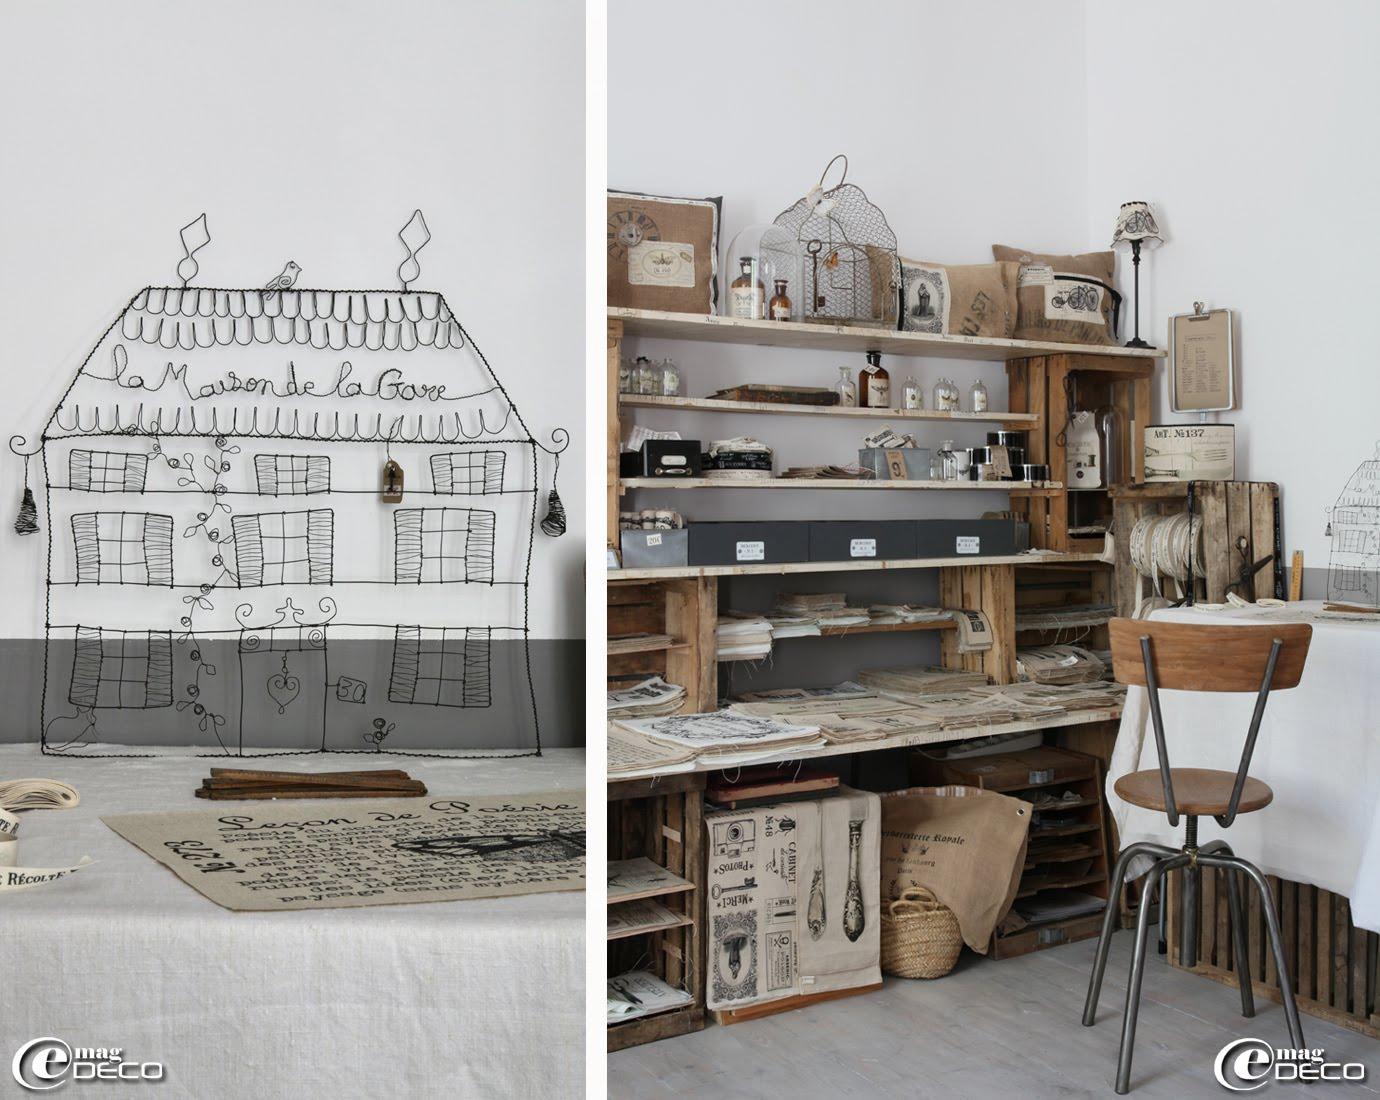 Dans le showroom d'Aurélia Ducrocq, ses créations sont présentées dans une étagère composée de planches habillées de vieux papiers et de caisses en bois